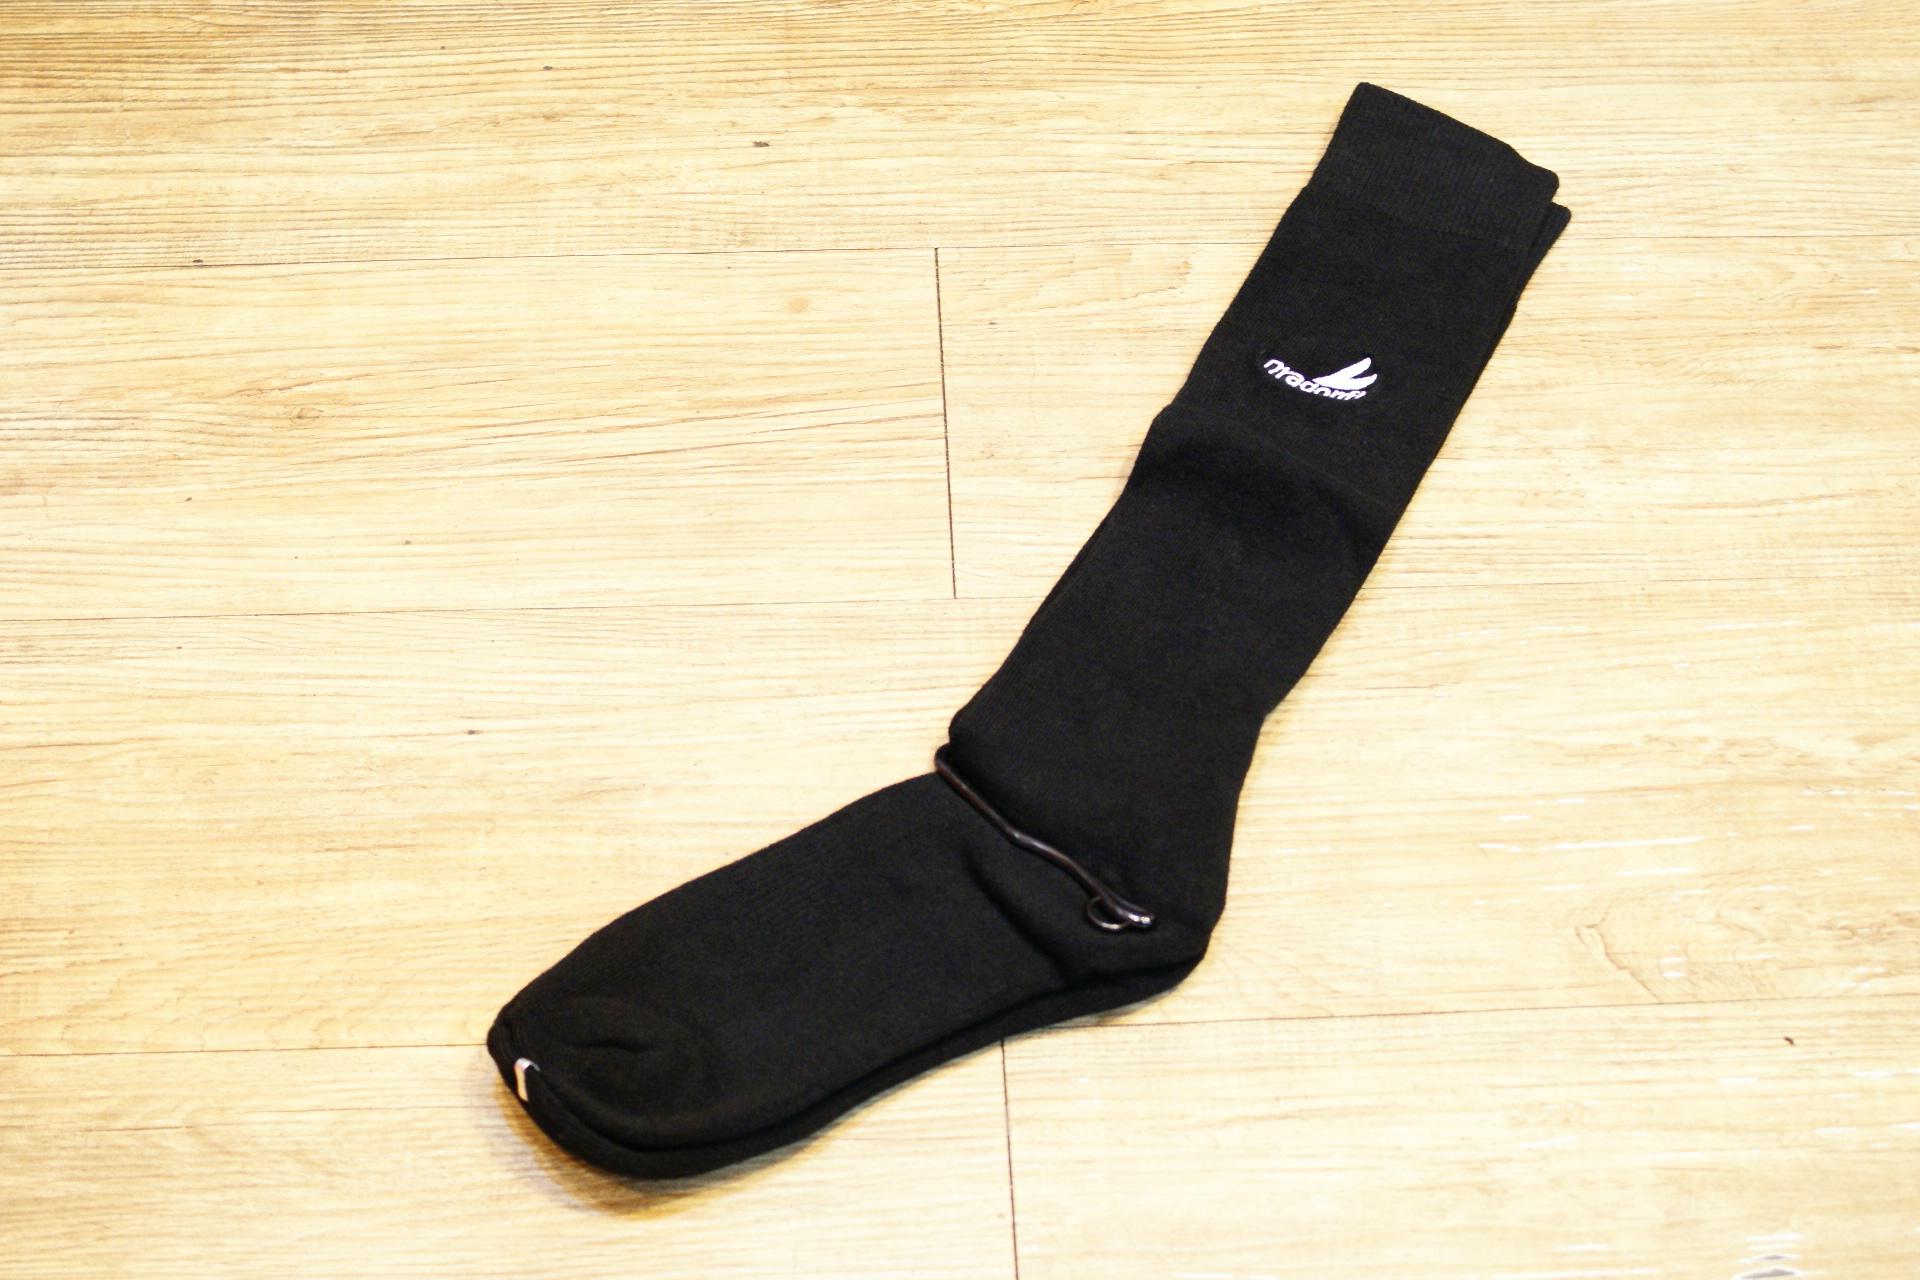 棒球世界 全新Dragonfly藍蜻蜓少年用球襪 特價 黑色